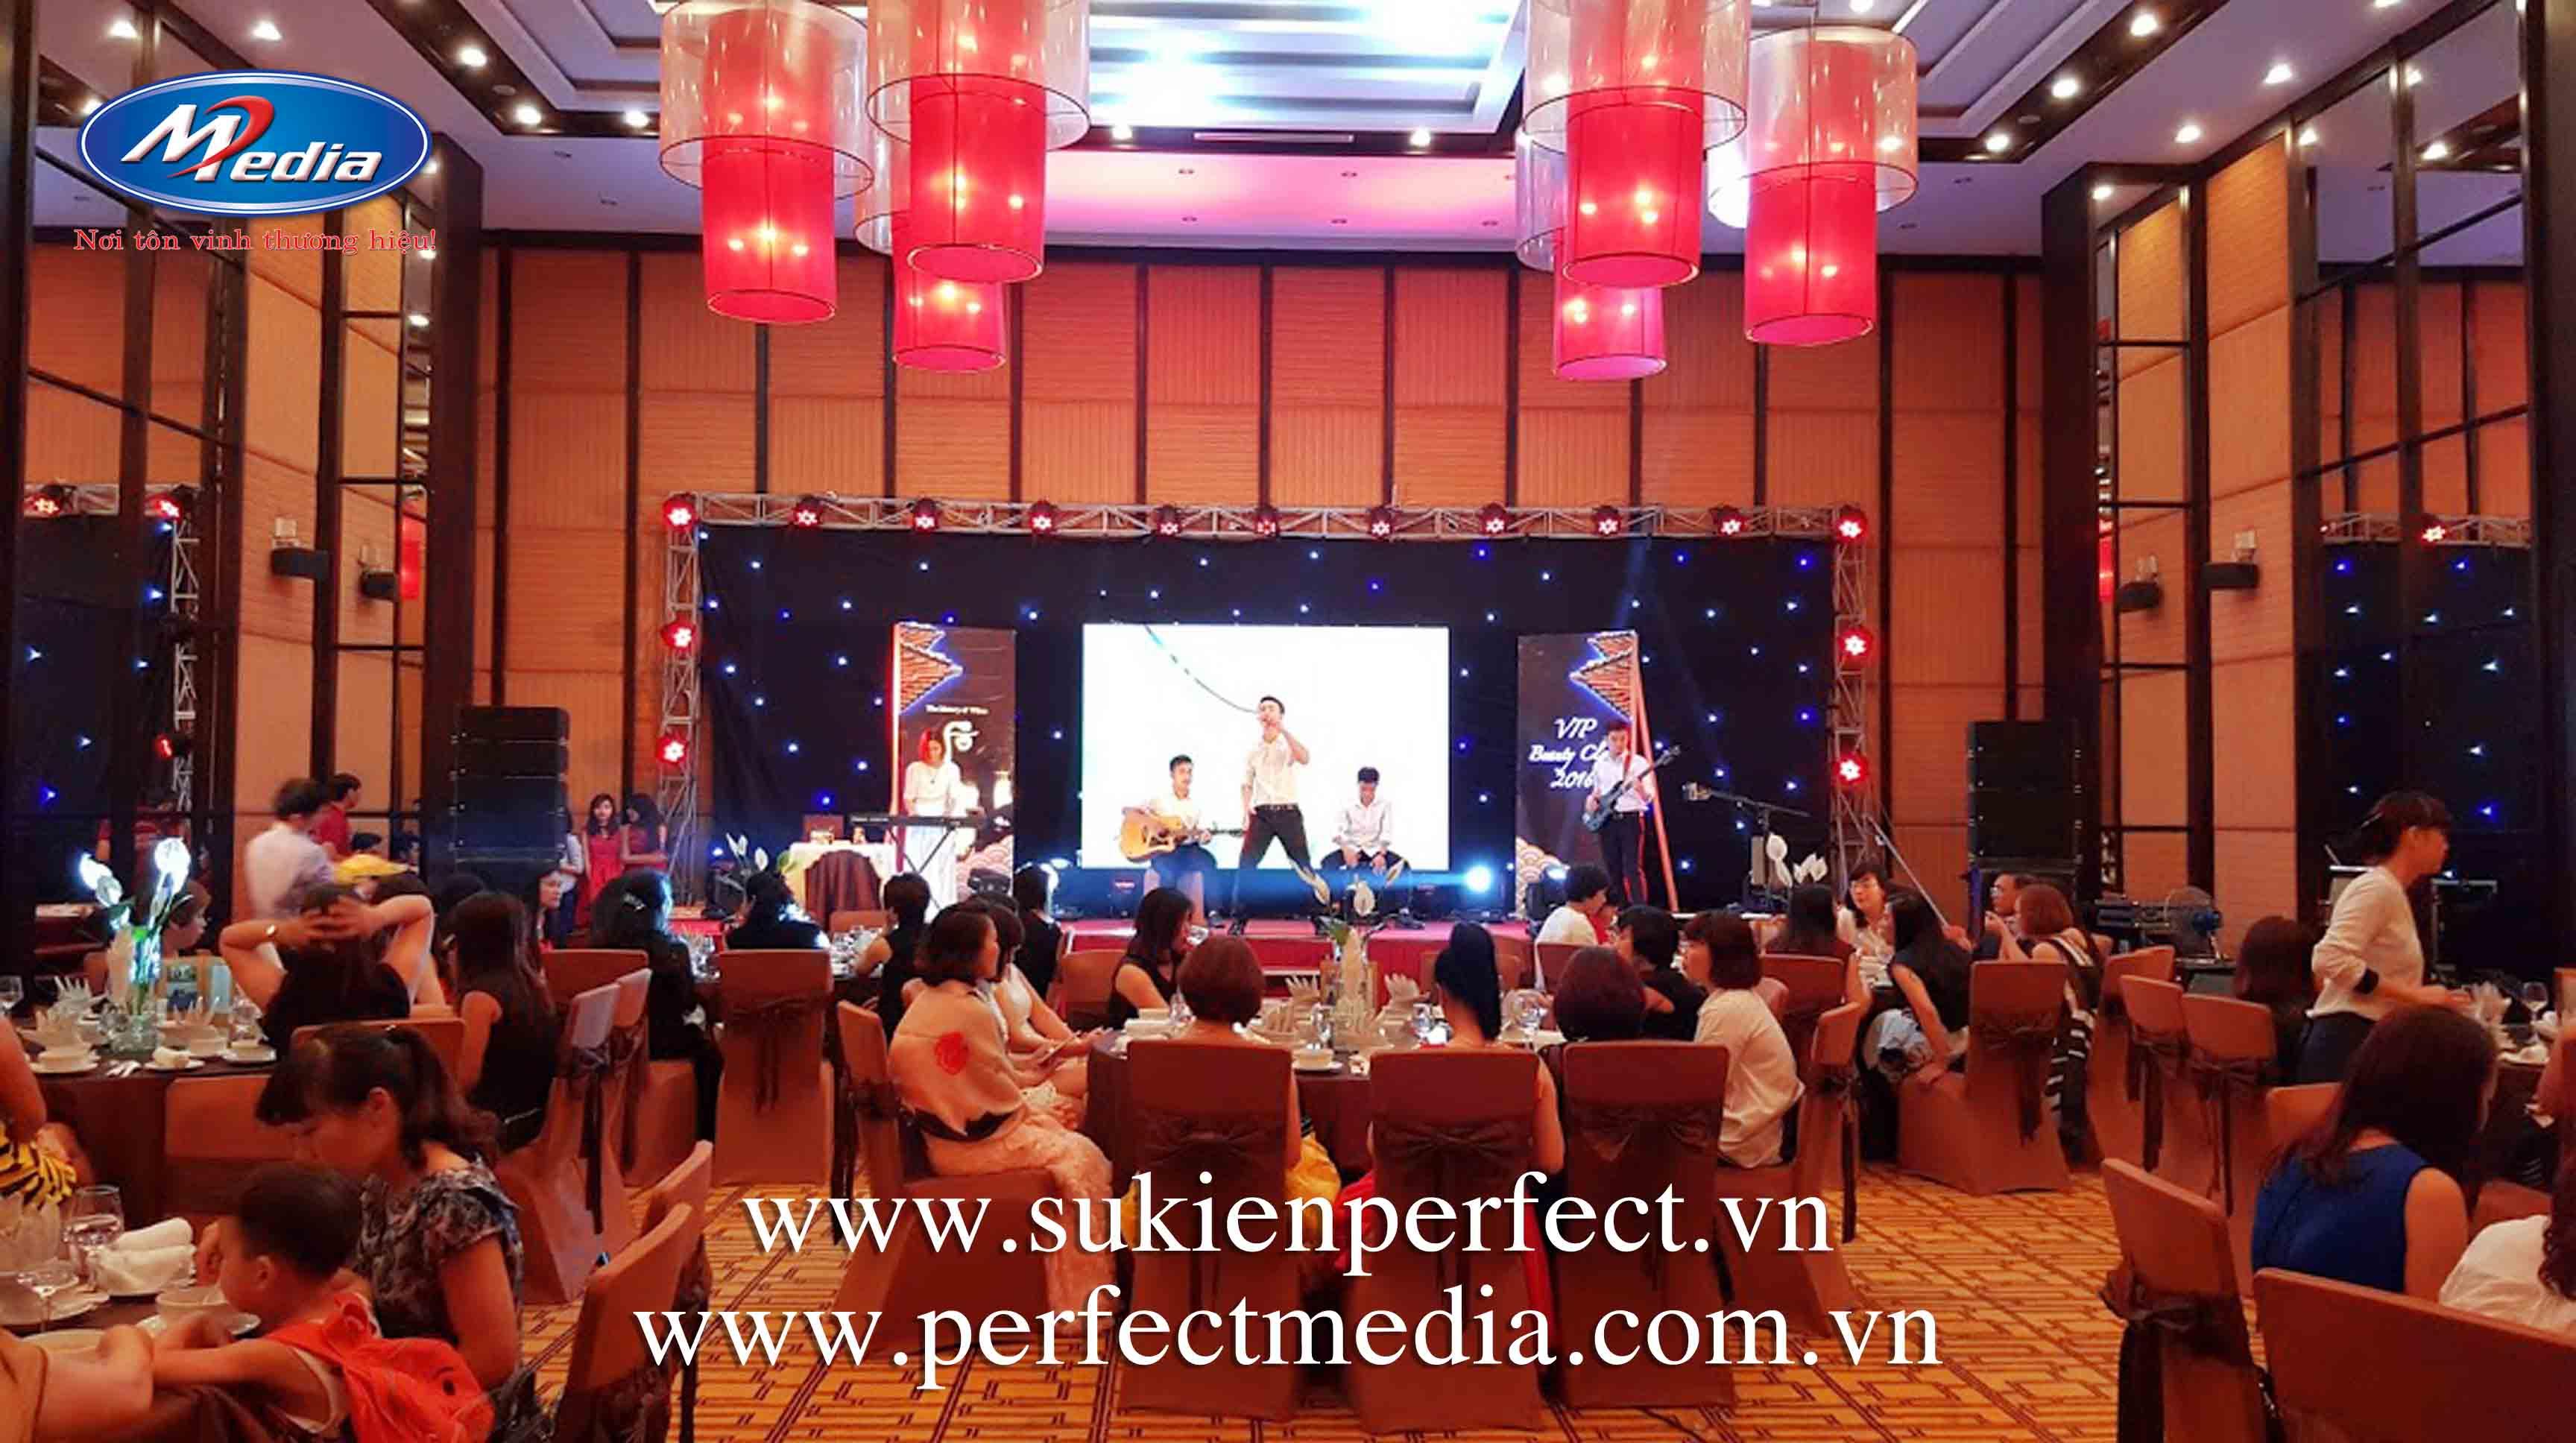 Bí quyết thành công khi tổ chức lễ ra mắt, giới thiệu sản phẩm, dịch vụ mới tại Hạ Long, Quảng Ninh